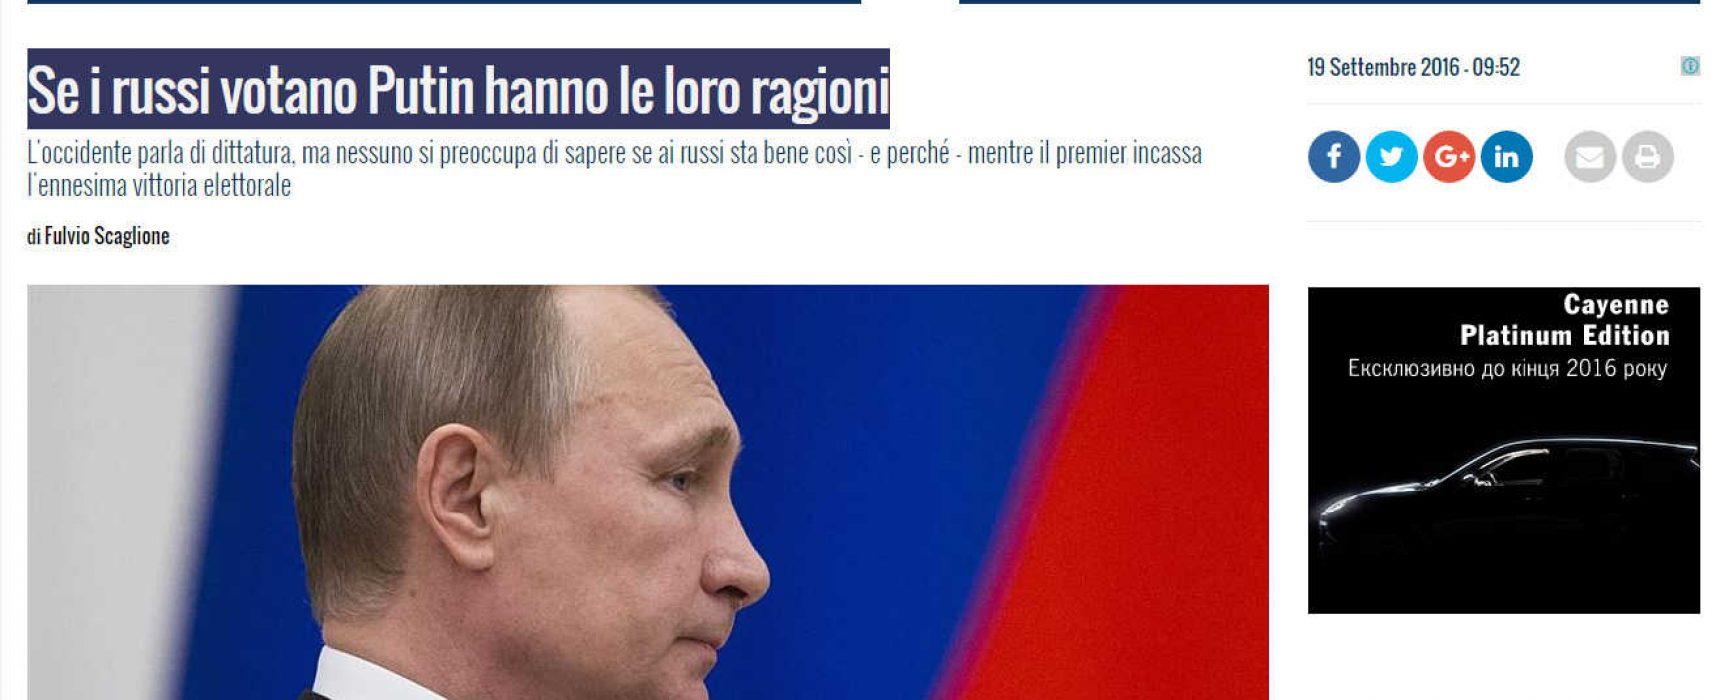 Un esempio di propaganda russa in Italia : Se i russi votano Putin hanno le loro ragioni